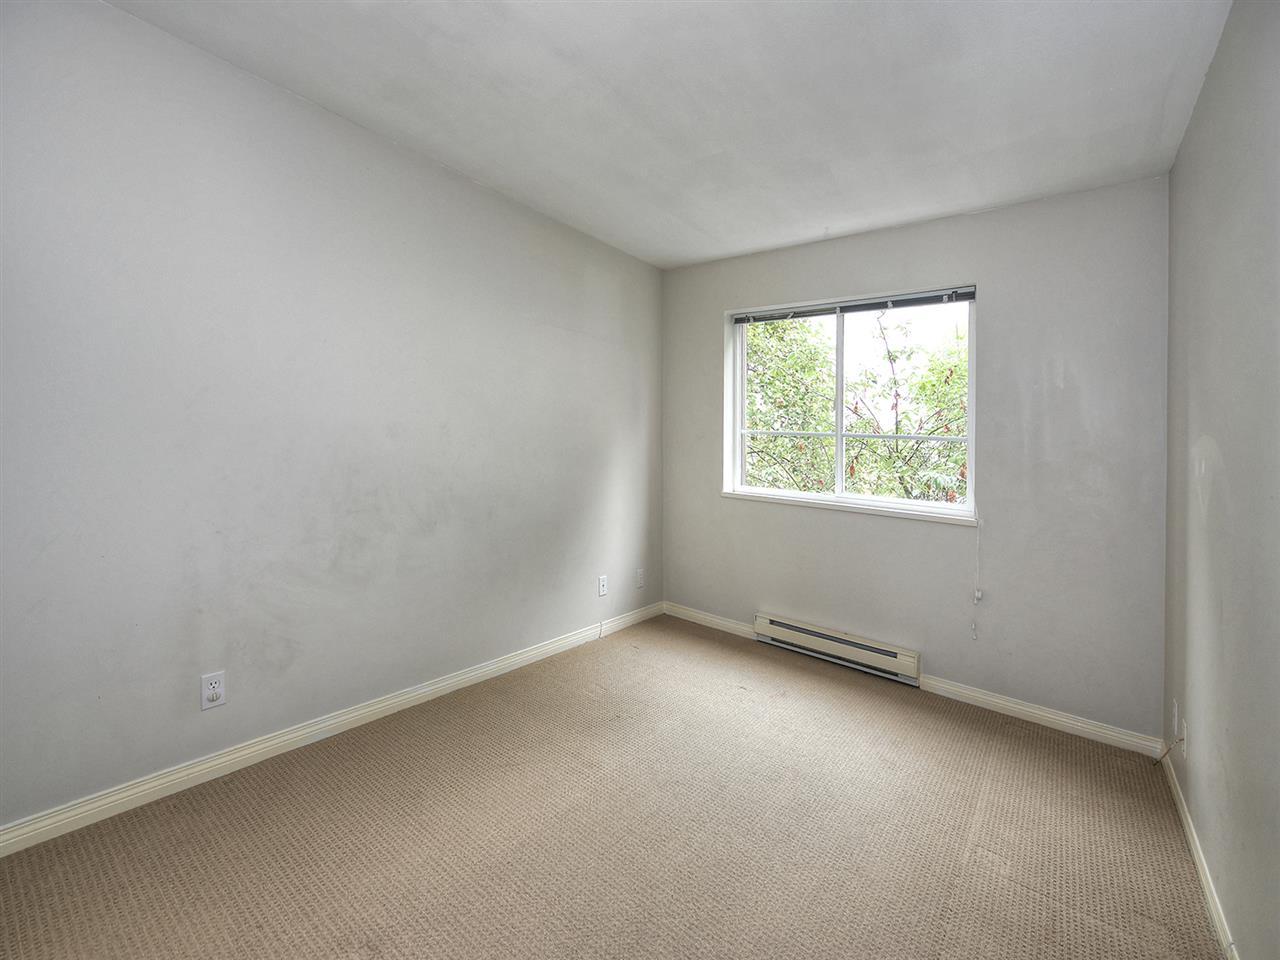 Condo Apartment at 203 4768 53 STREET, Unit 203, Ladner, British Columbia. Image 13